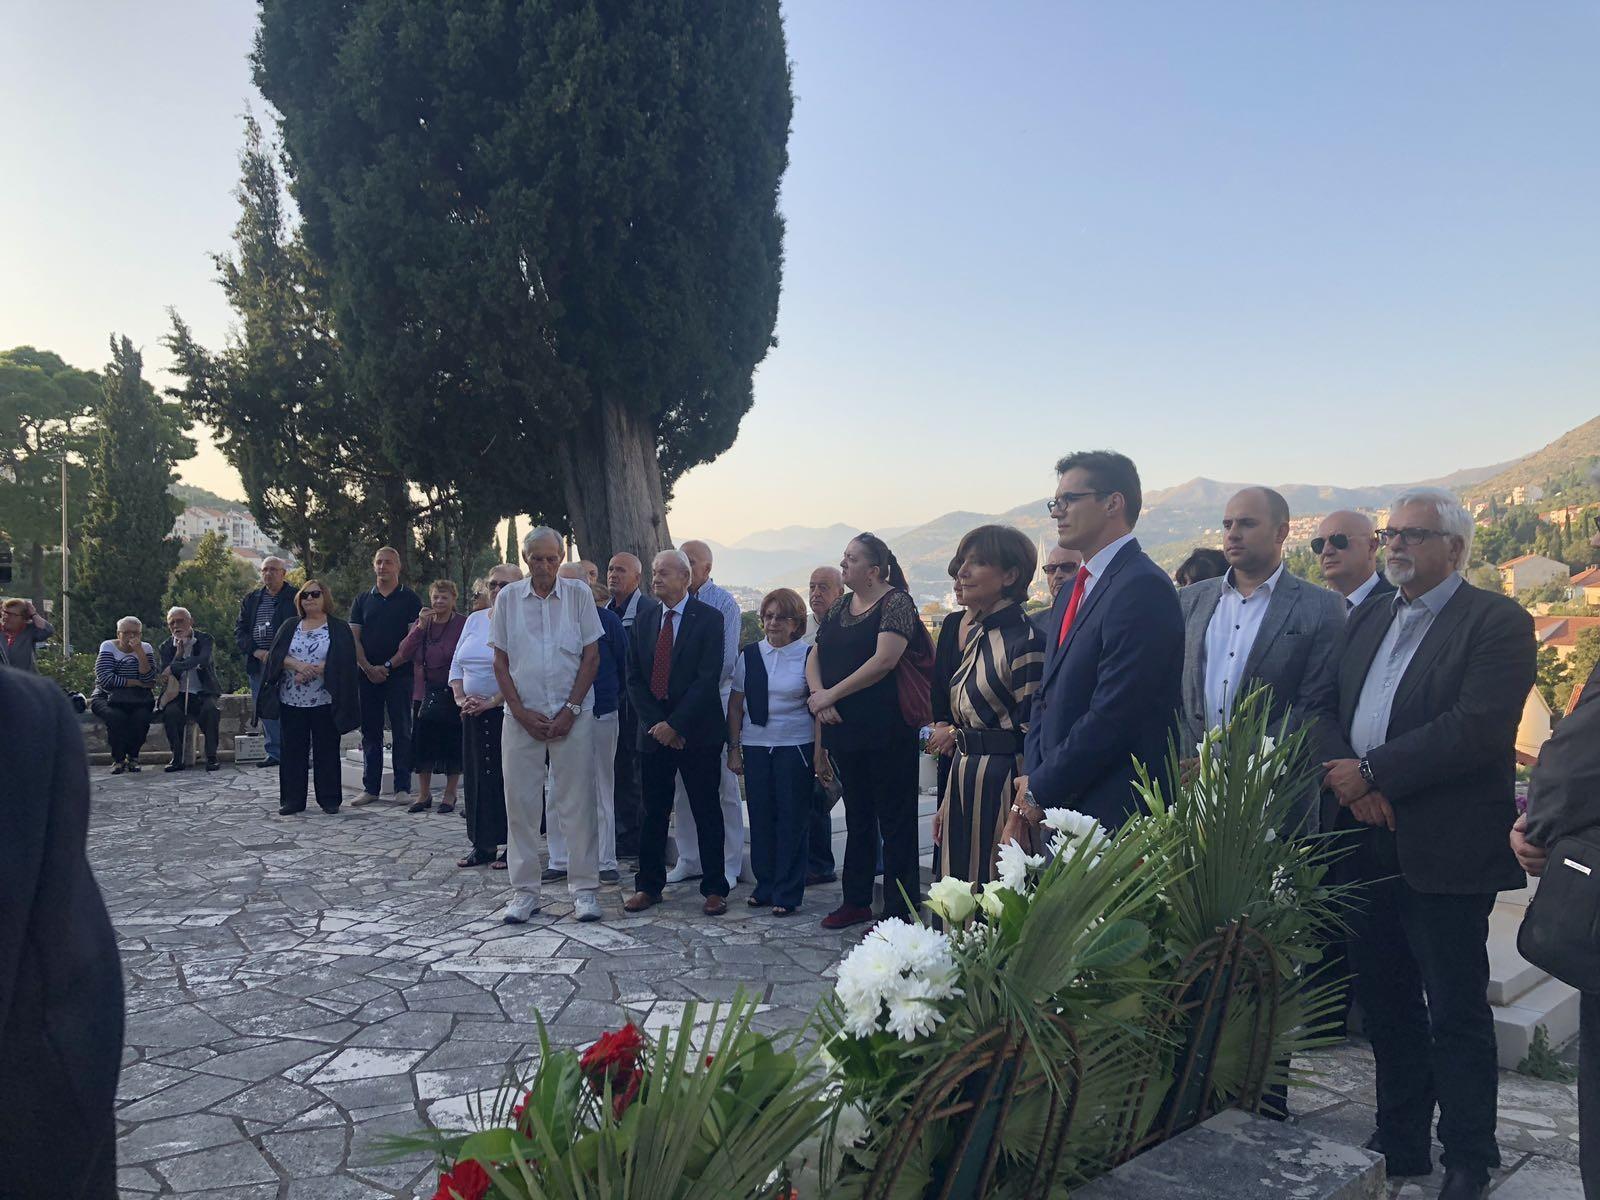 Obilježena 75. obljetnica oslobođenja Dubrovnika od fašističkih okupatora u II. svjetskom ratu